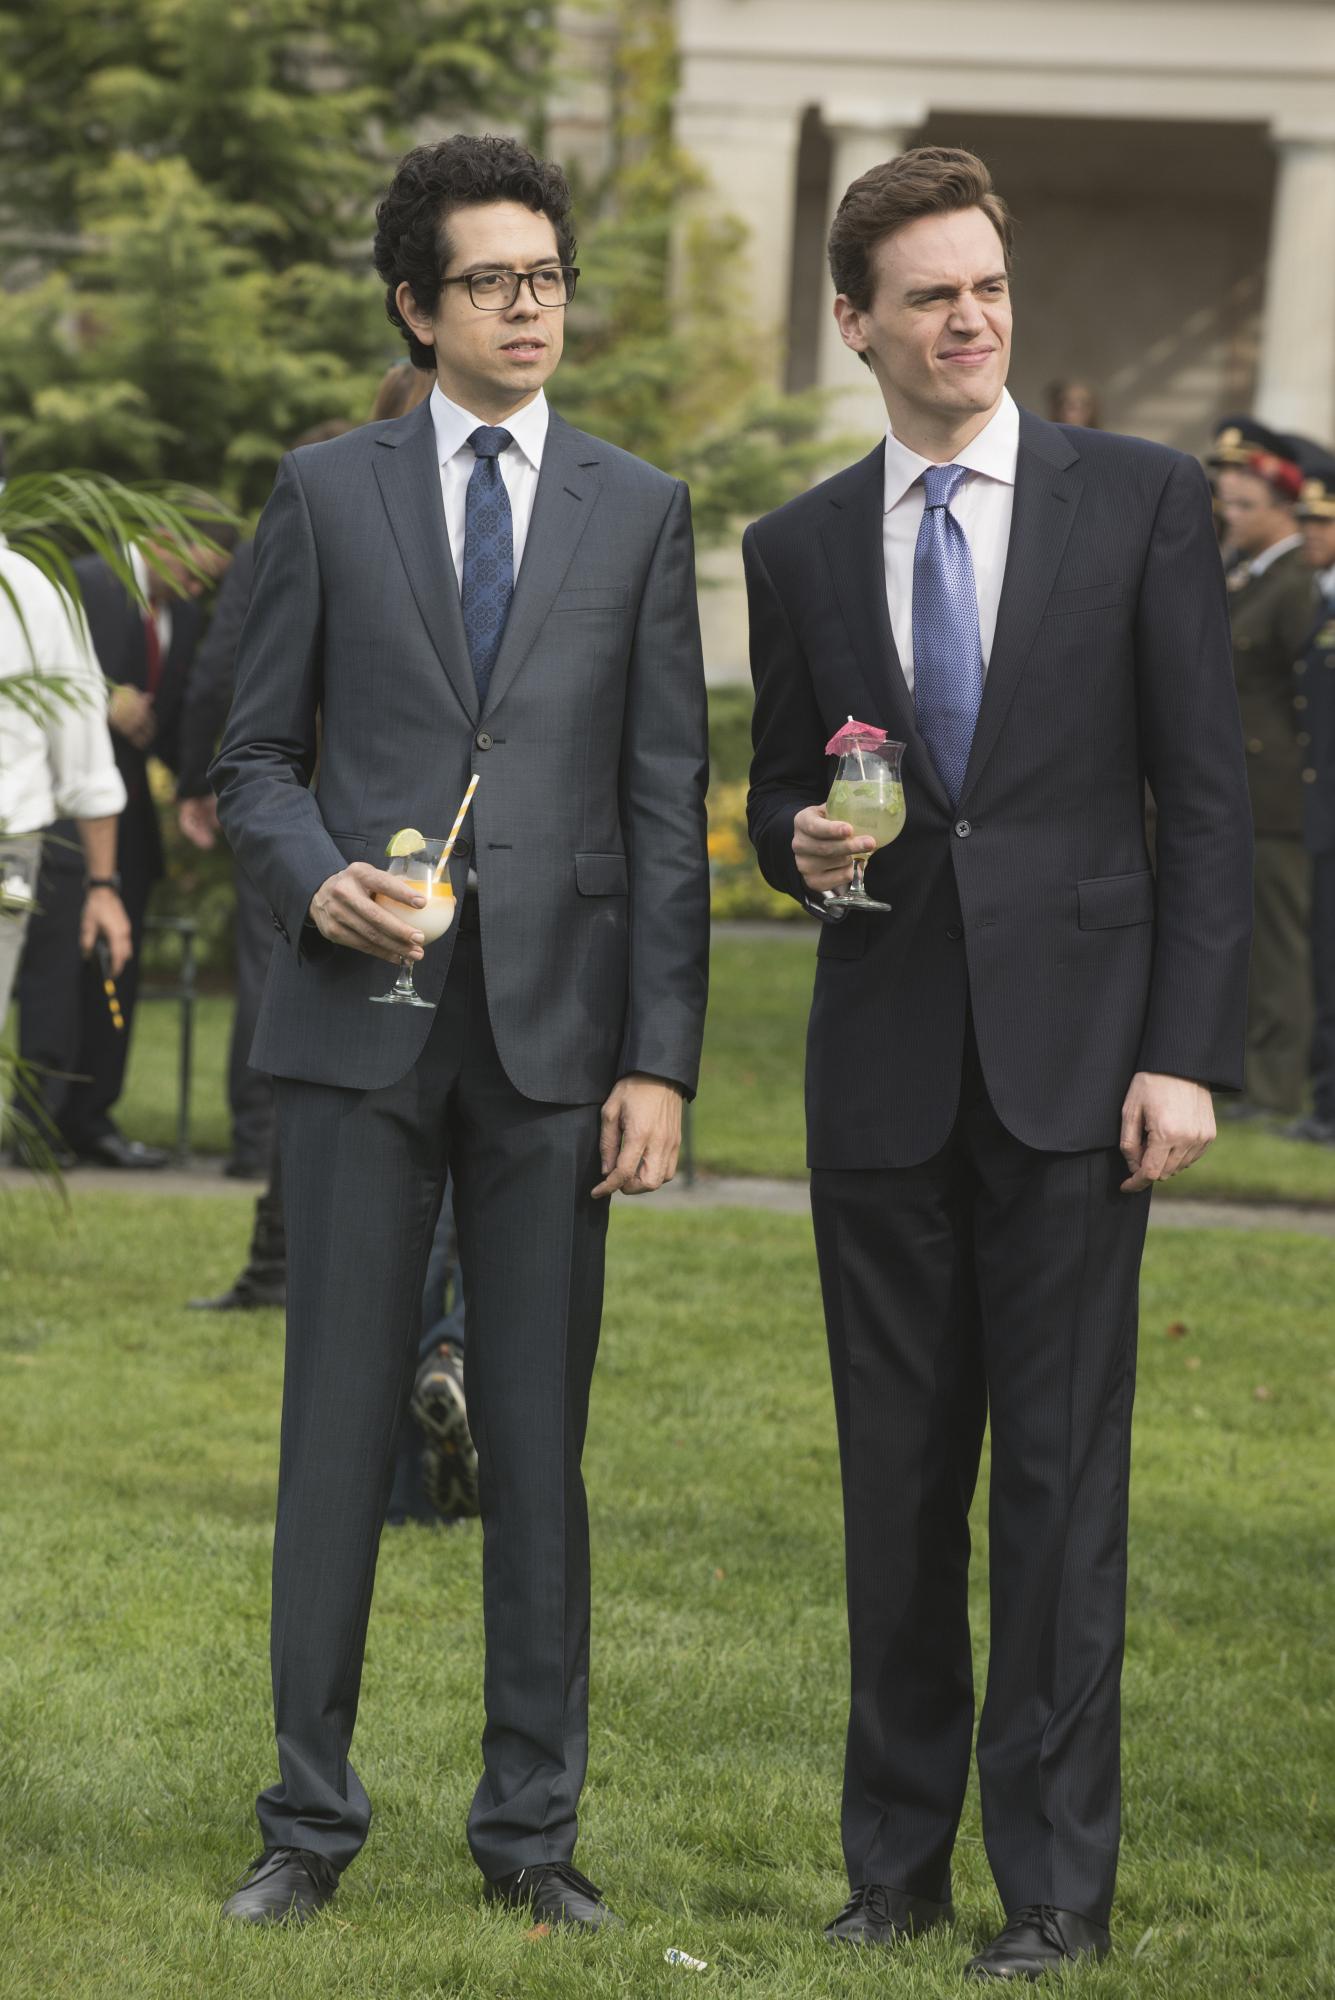 Matt and Blake - S1E11